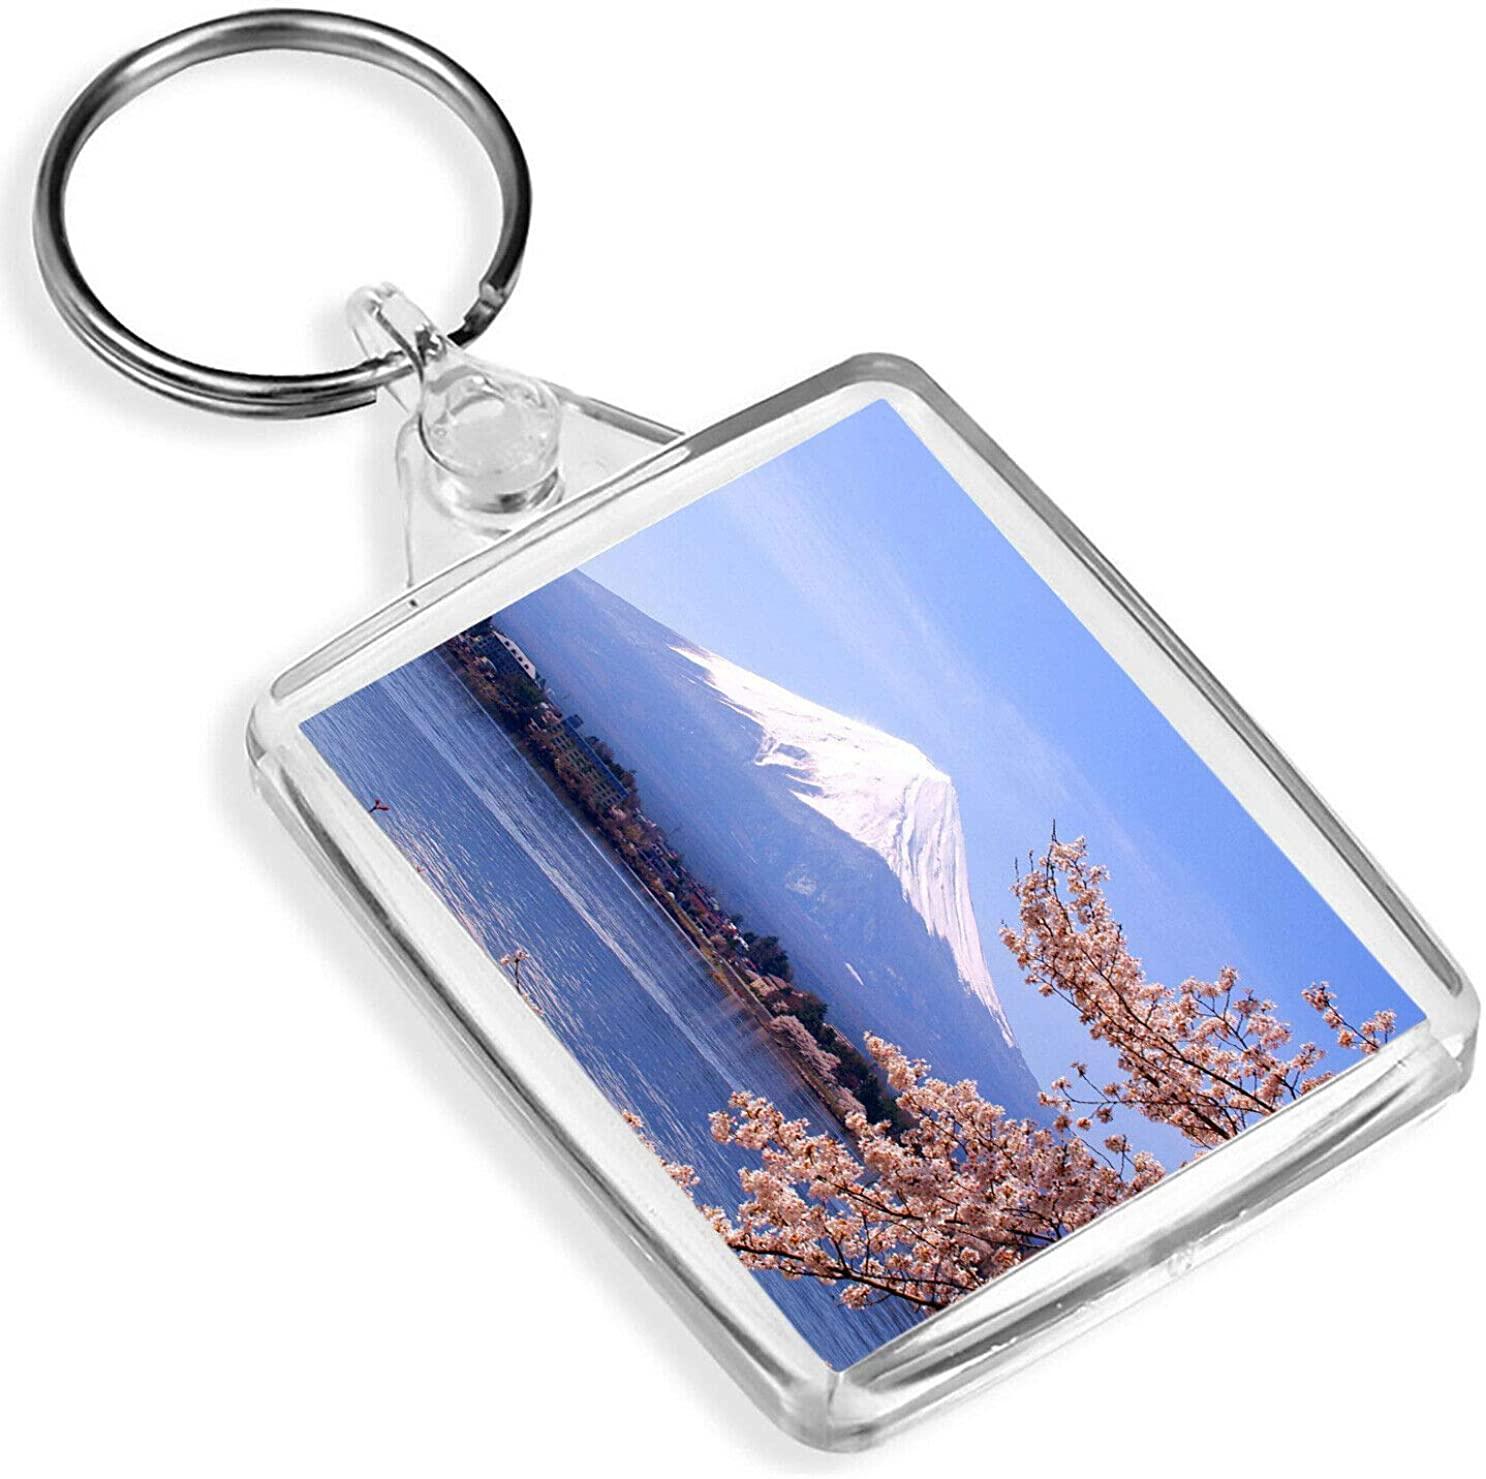 Destination Vinyl Keyrings Mount Fuji Japan Keyring Mountain Cherry Blossom Tree Sakura Keyring Gift #8986